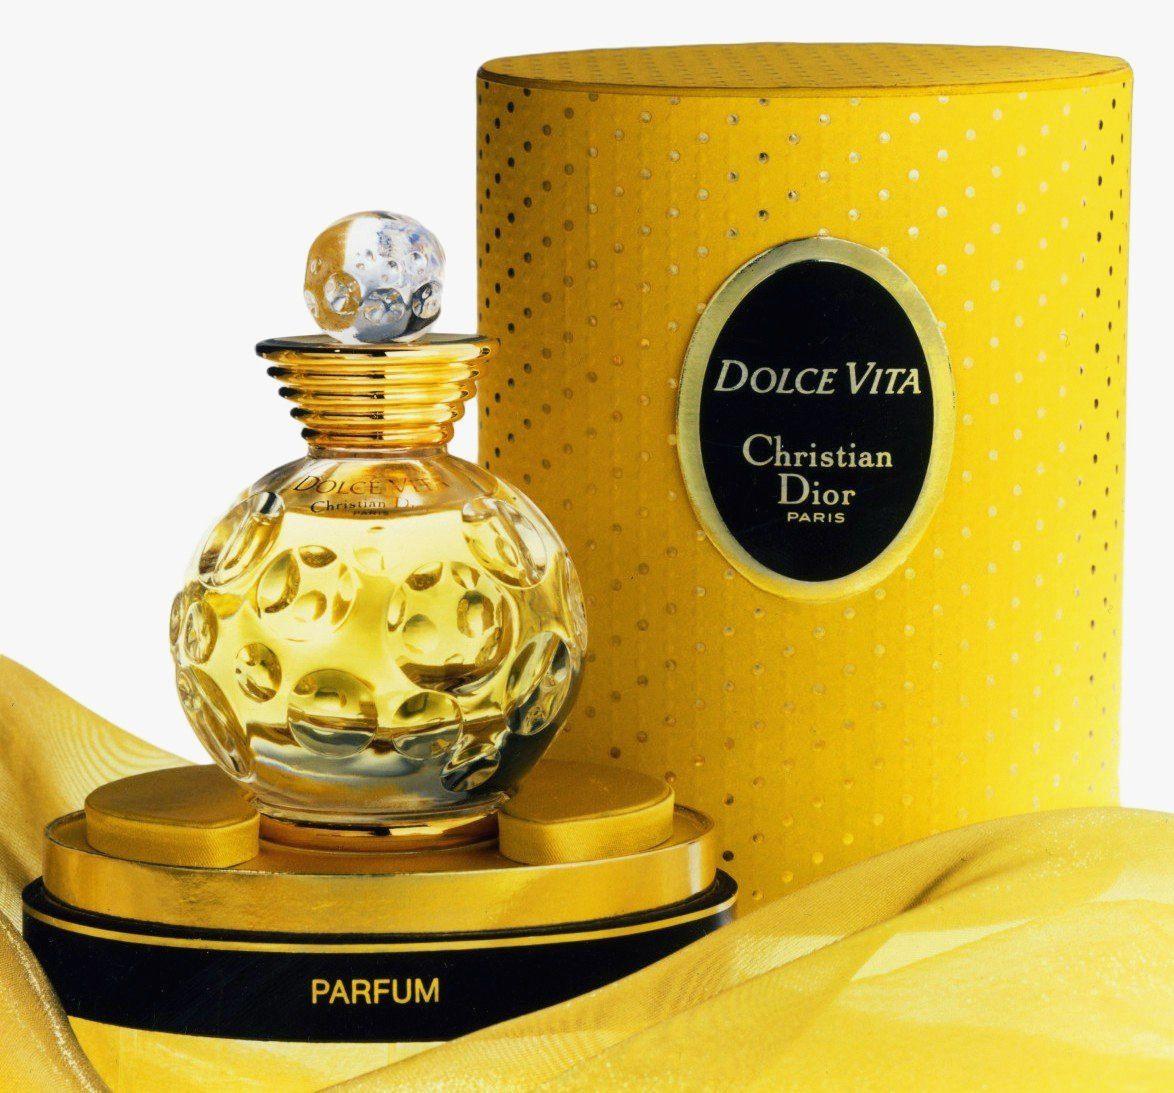 Dolce Vita perfume de Dior